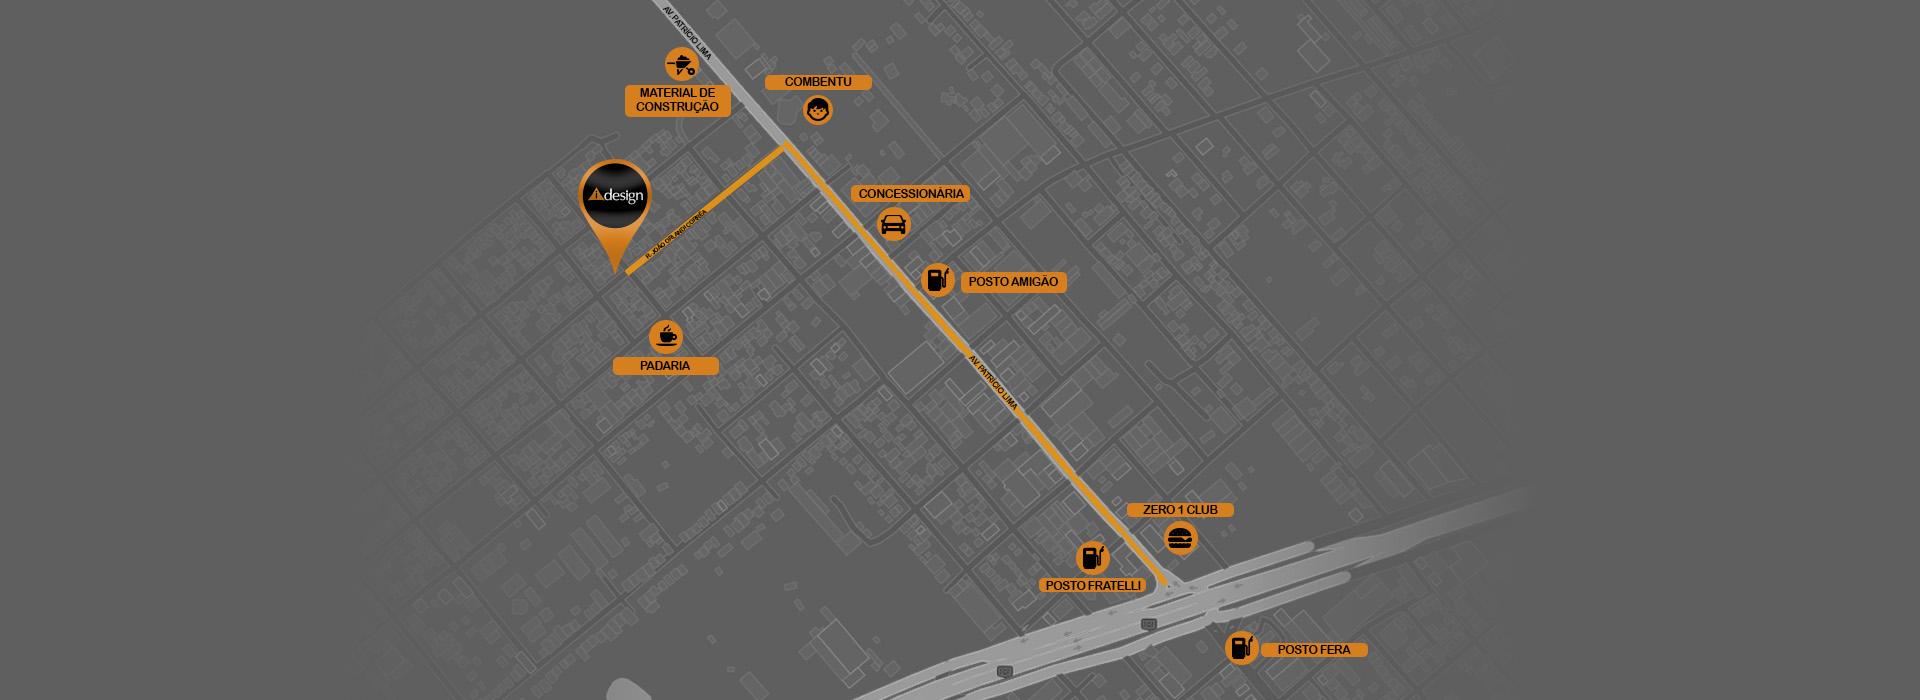 mapa_idesign 2 preto